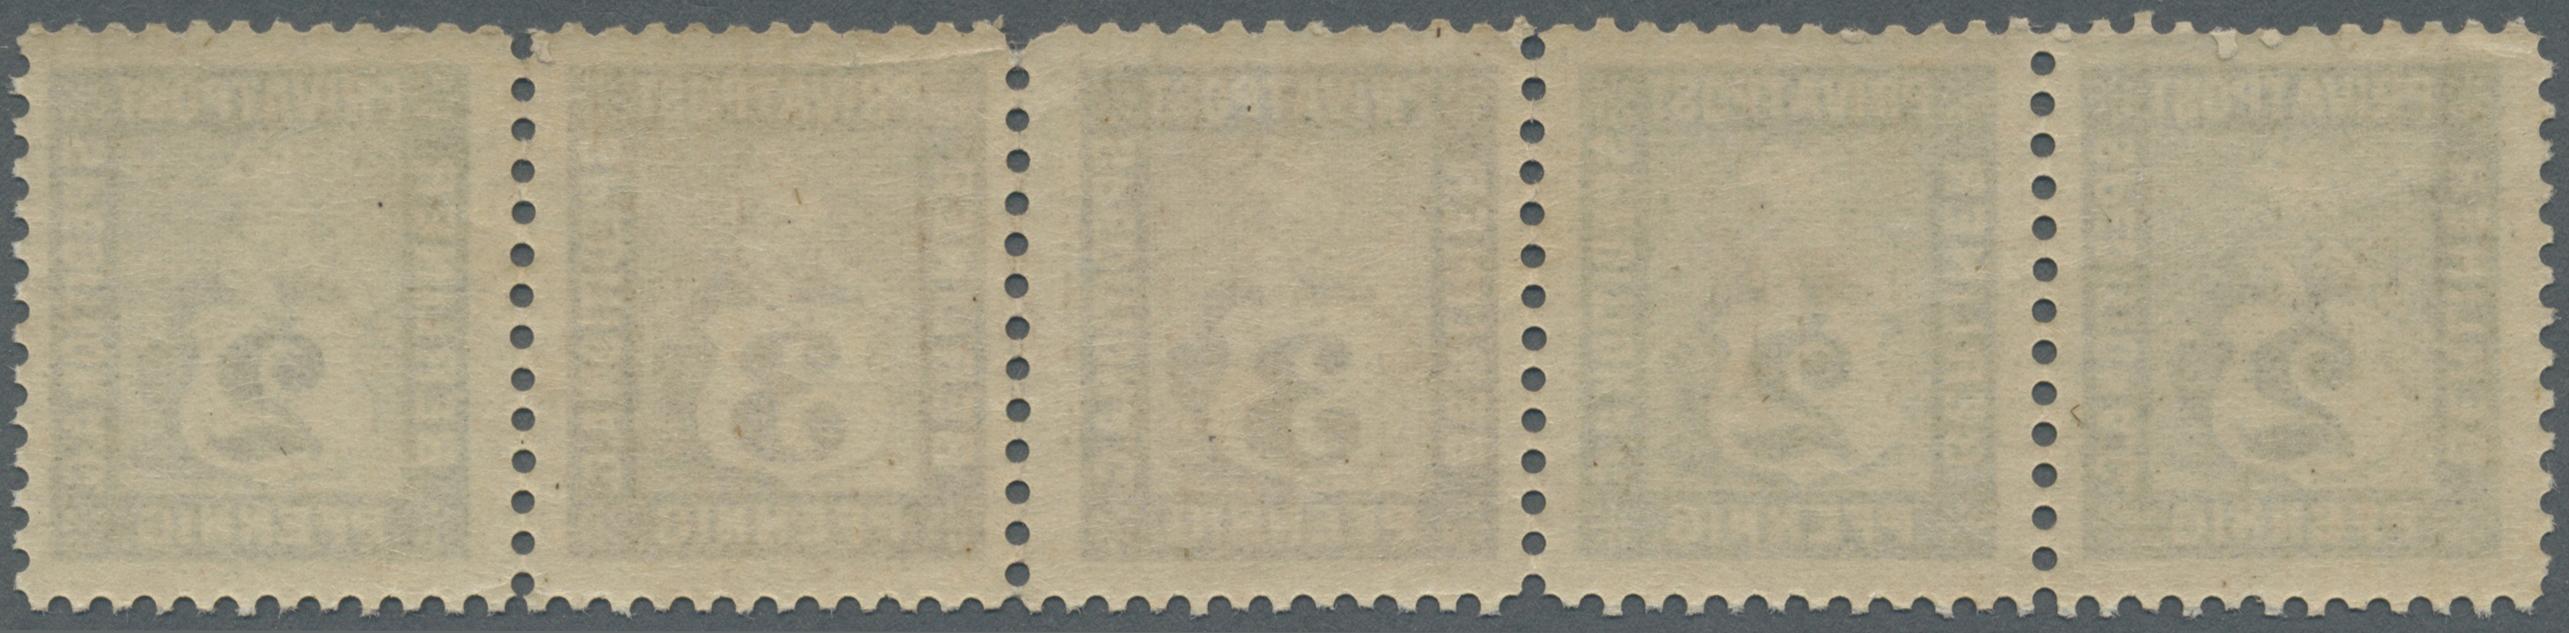 Lot 11193 - Deutsches Reich - Privatpost (Stadtpost)  -  Auktionshaus Christoph Gärtner GmbH & Co. KG Sale #48 The Single Lots Philatelie